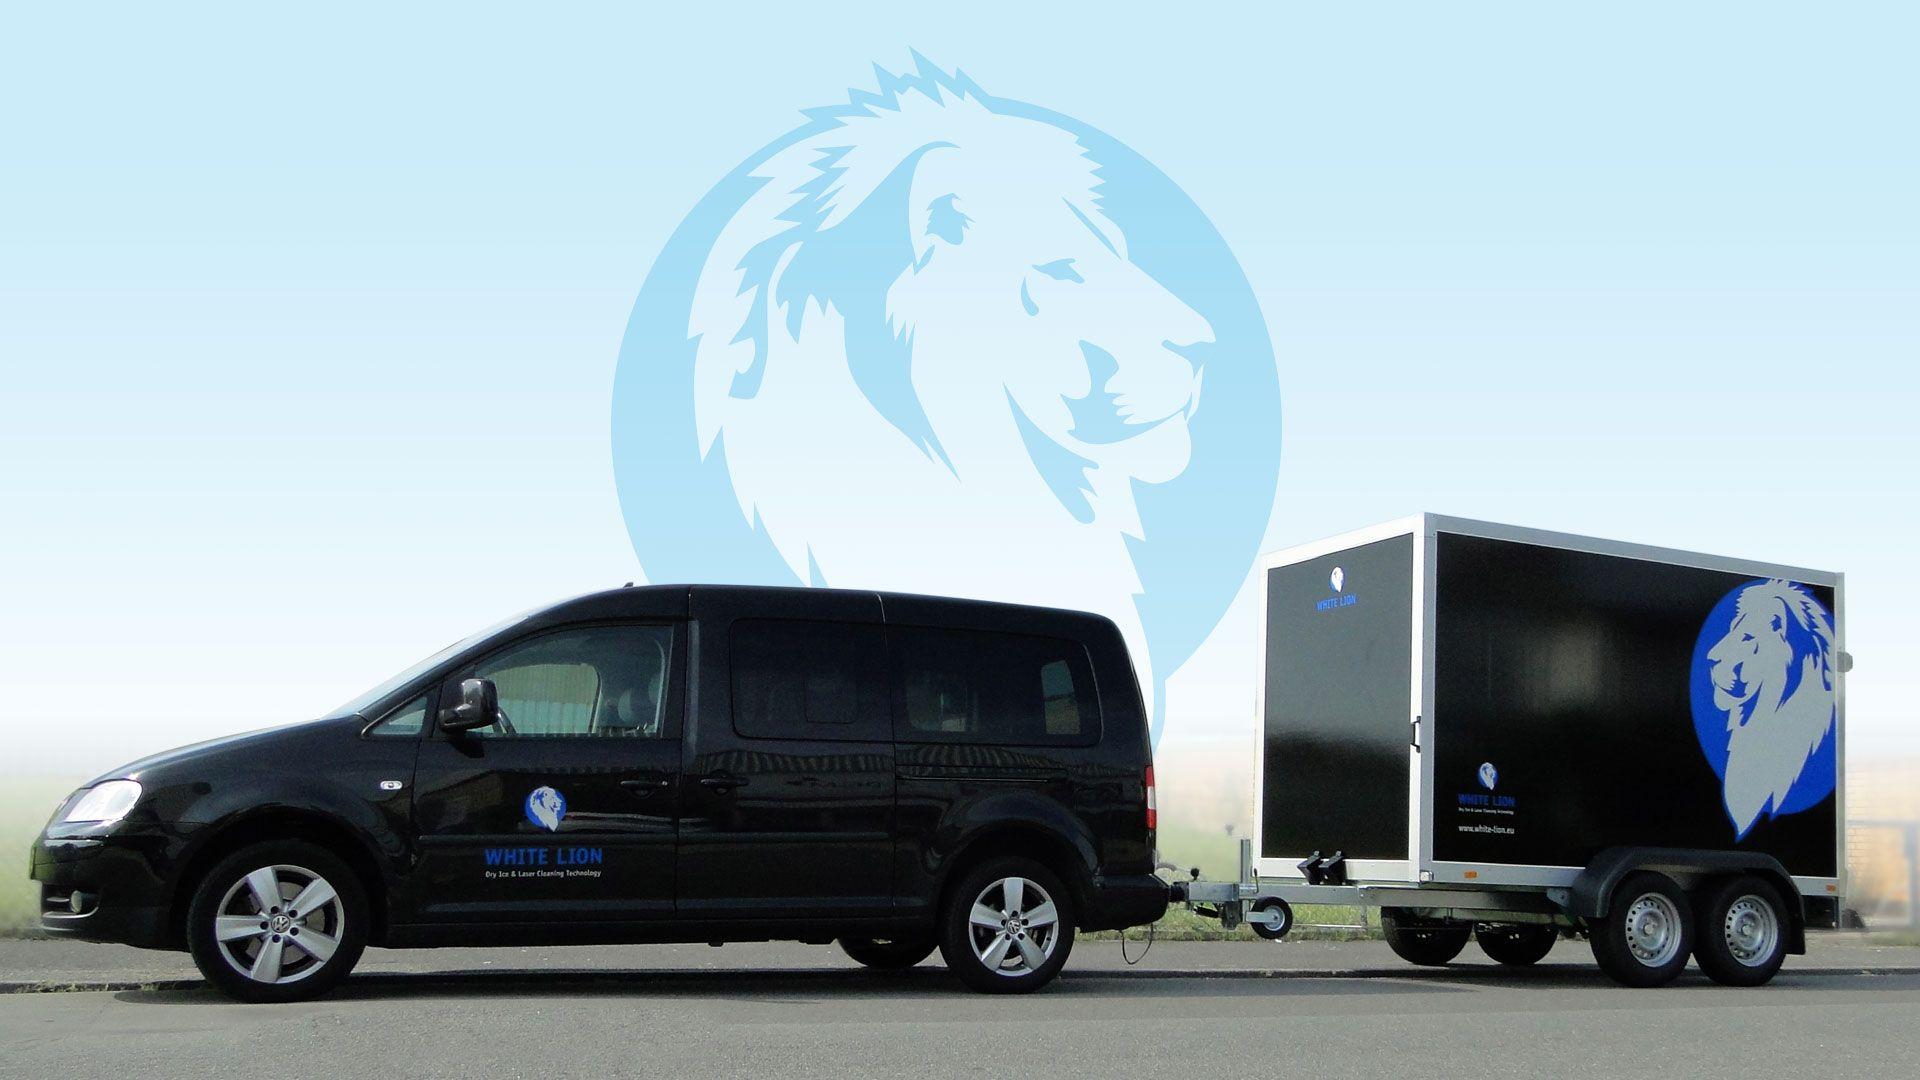 White Lion Trockeneisreinigung Team Fahrzeug